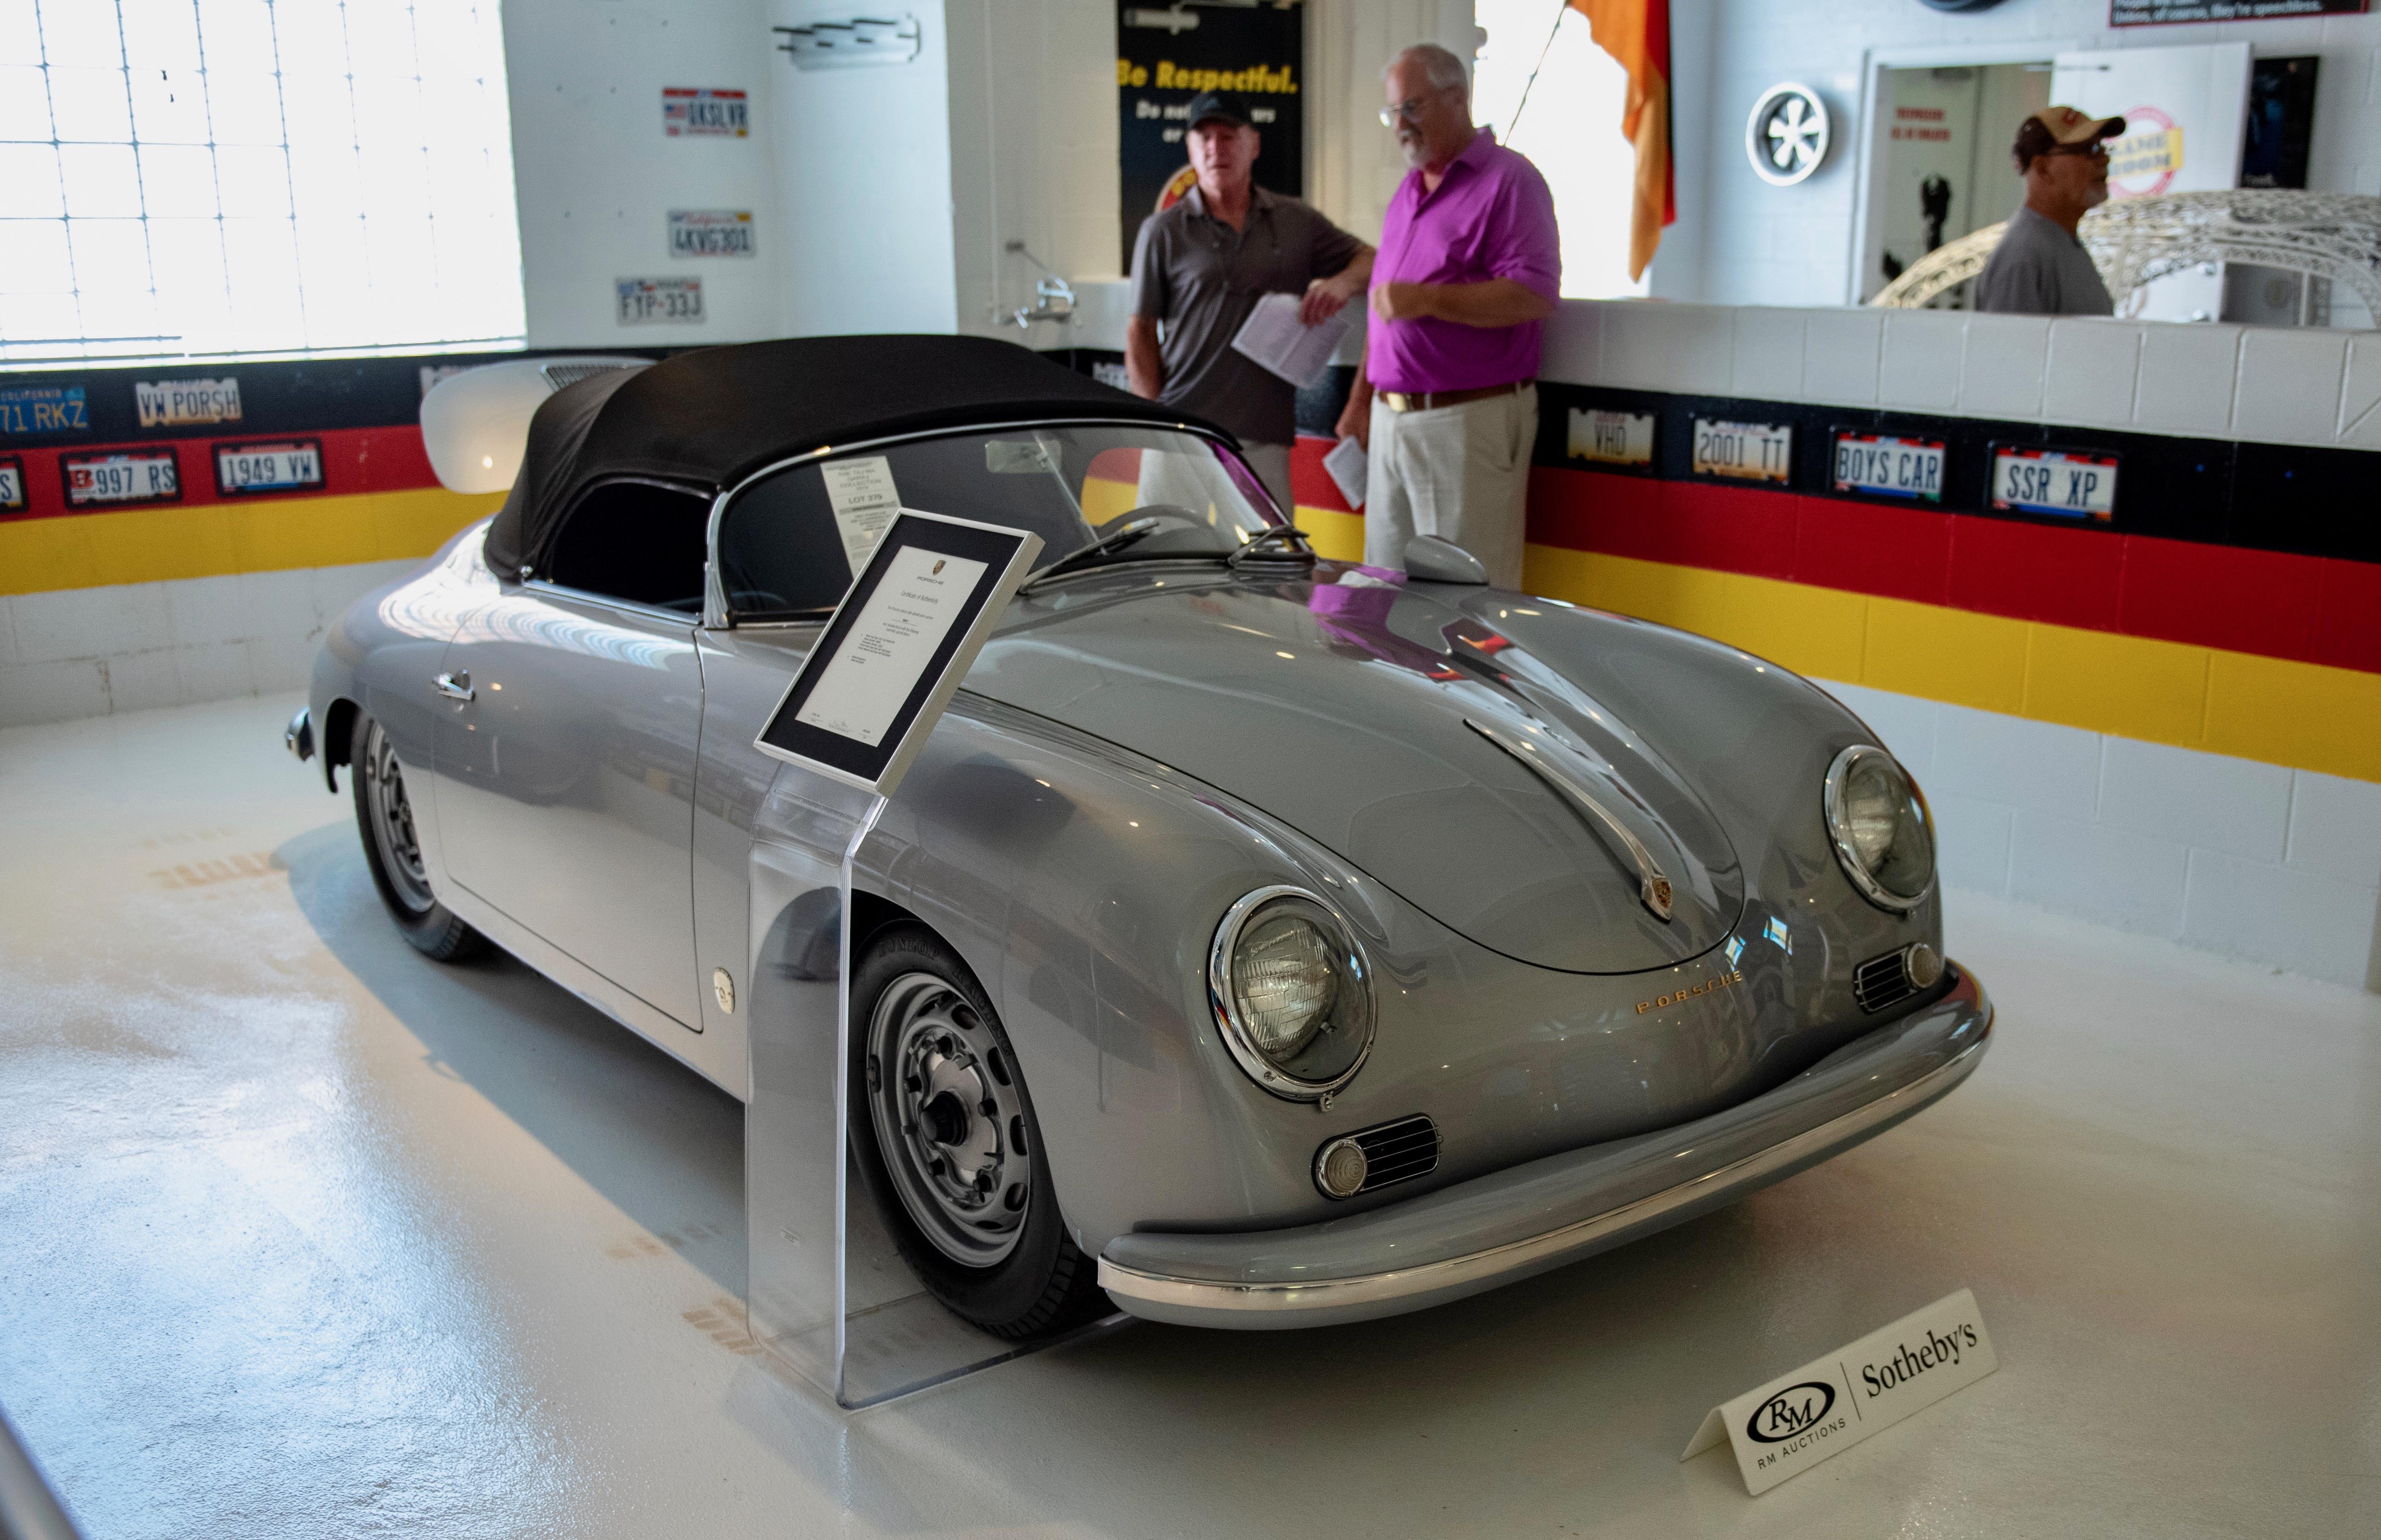 Taj Ma Garaj, Taj Ma Garaj auction generates $5.7 million, ClassicCars.com Journal